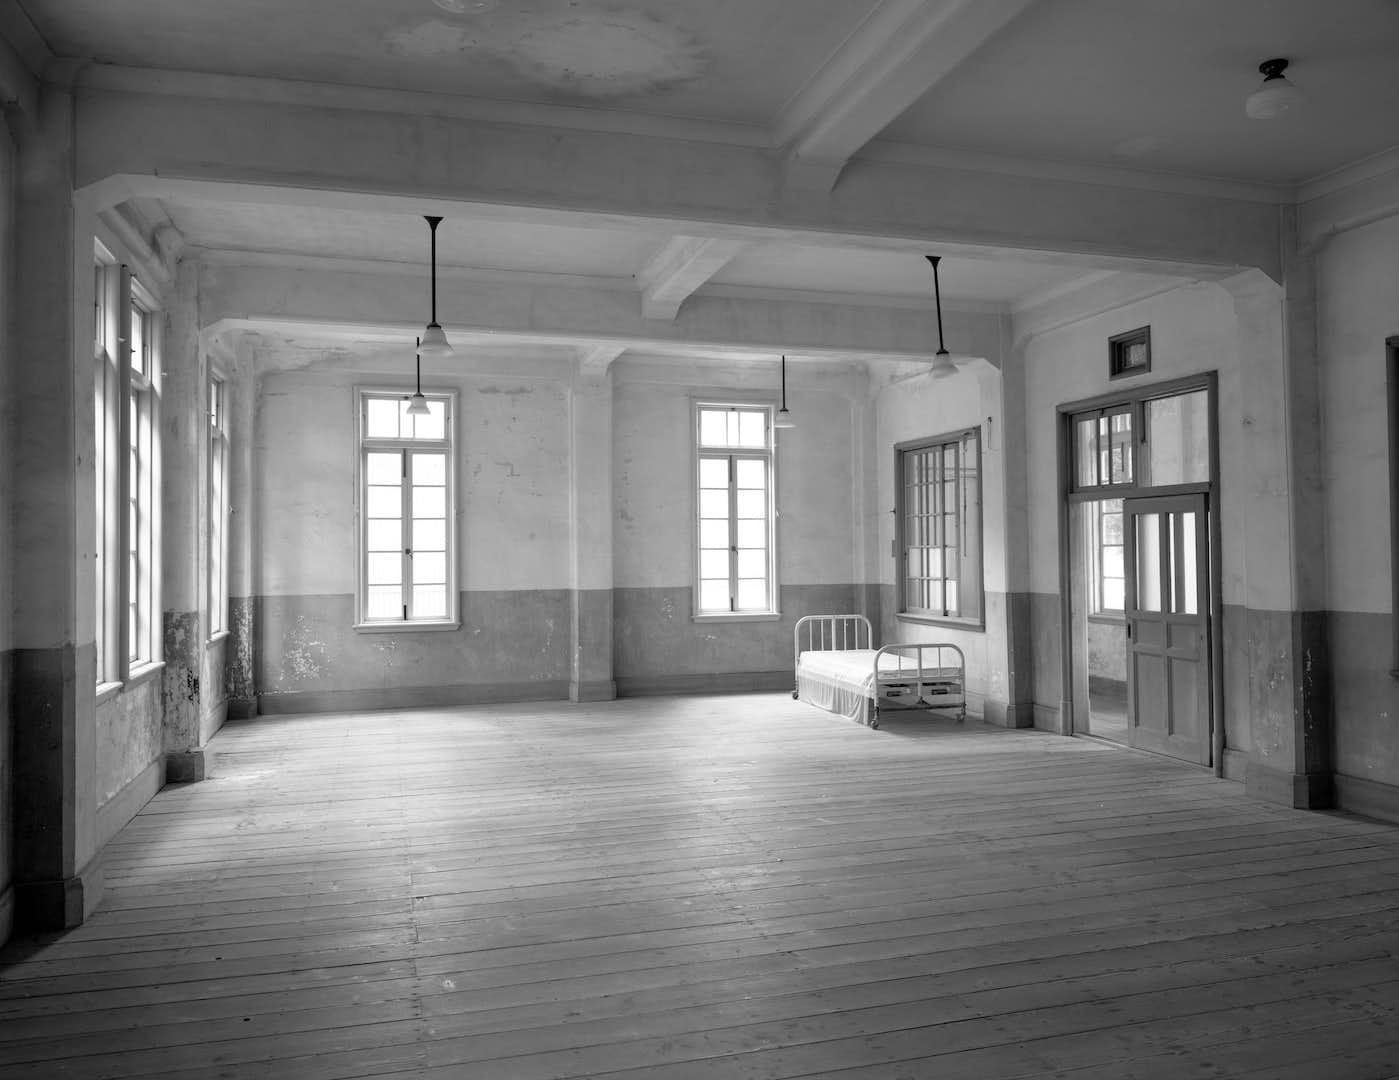 俳優・石井正則が国立の療養所13園を撮影。「13 ~ハンセン病療養所の現在を撮る~」が国立ハンセン病資料館で開催中